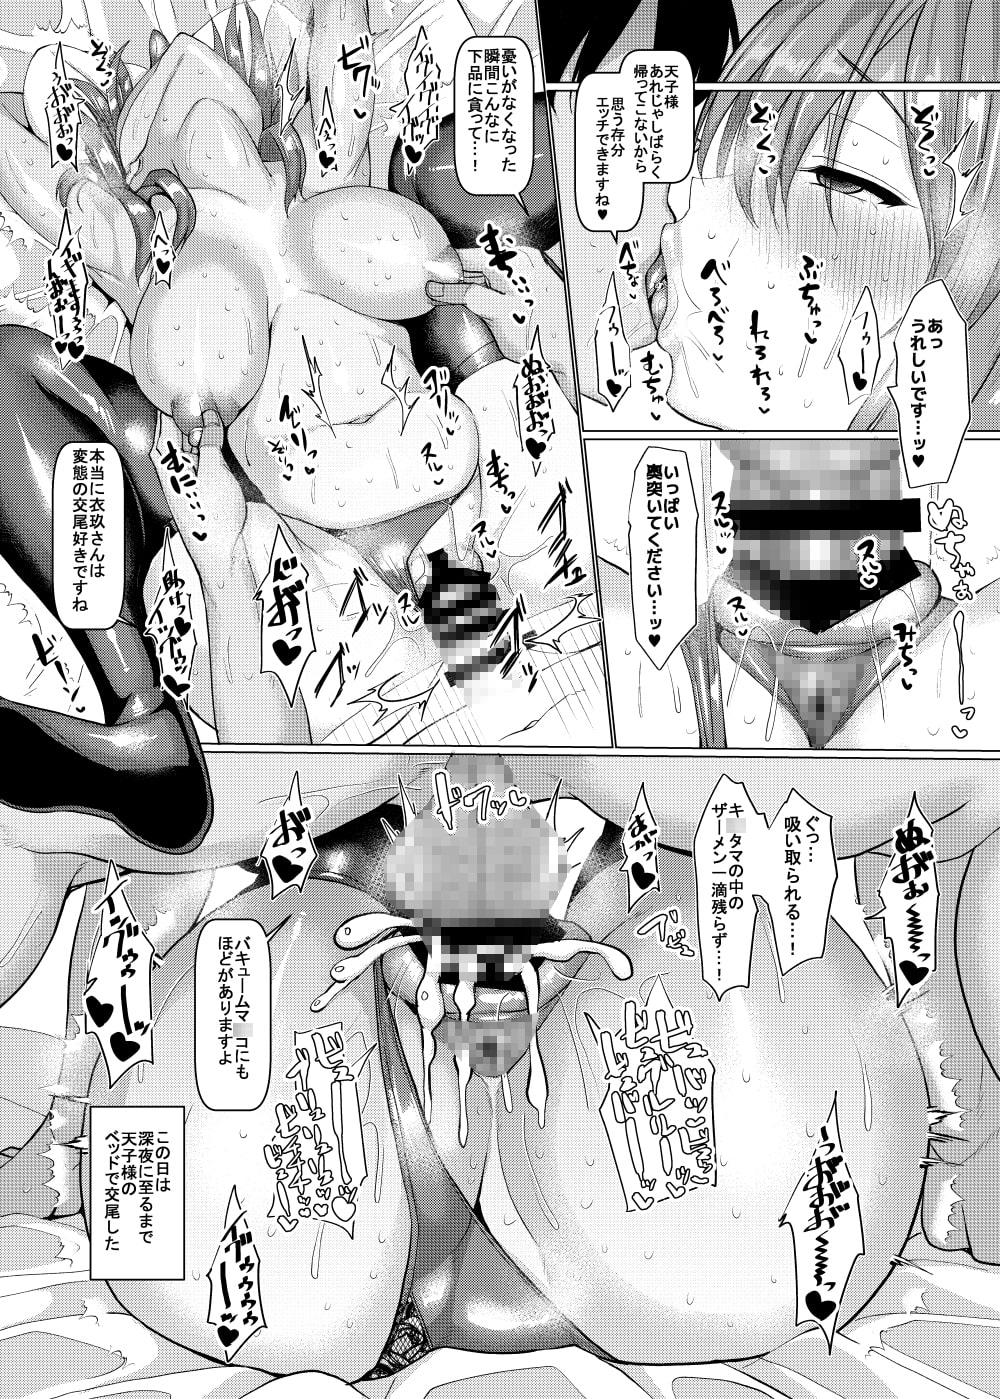 ラブラブ龍魚と下品なアクメ